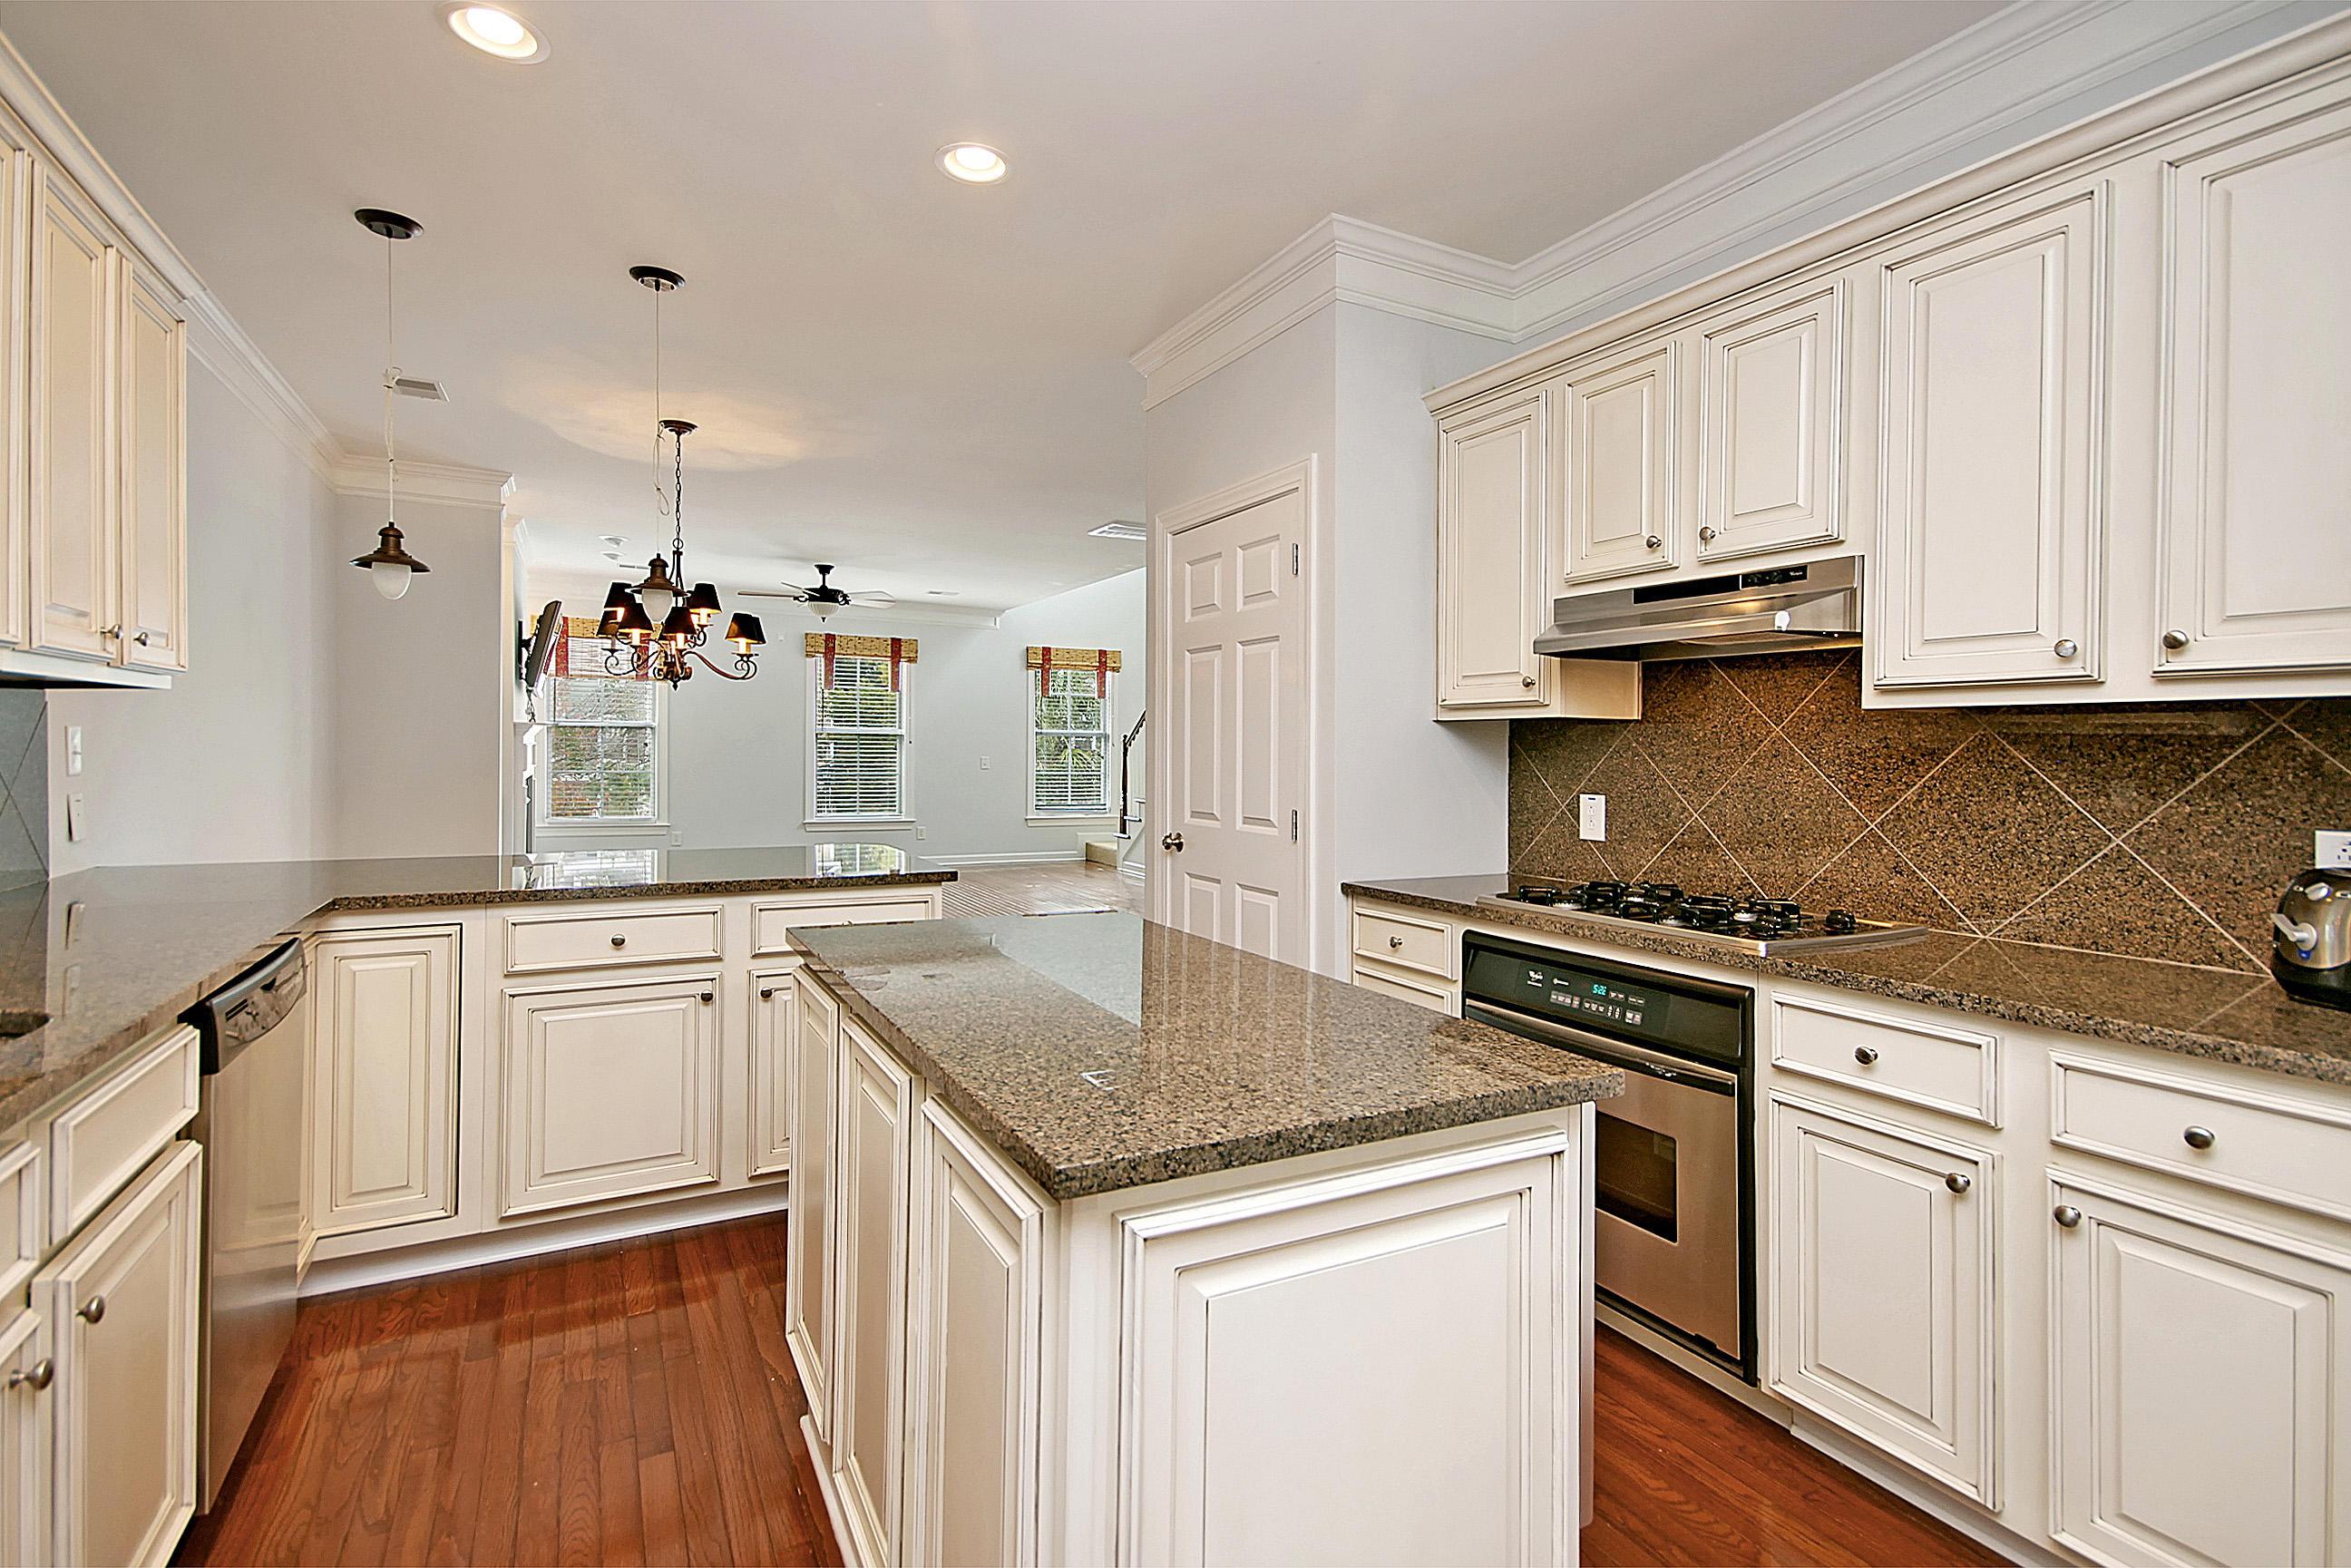 Dunes West Homes For Sale - 148 Palm Cove, Mount Pleasant, SC - 36